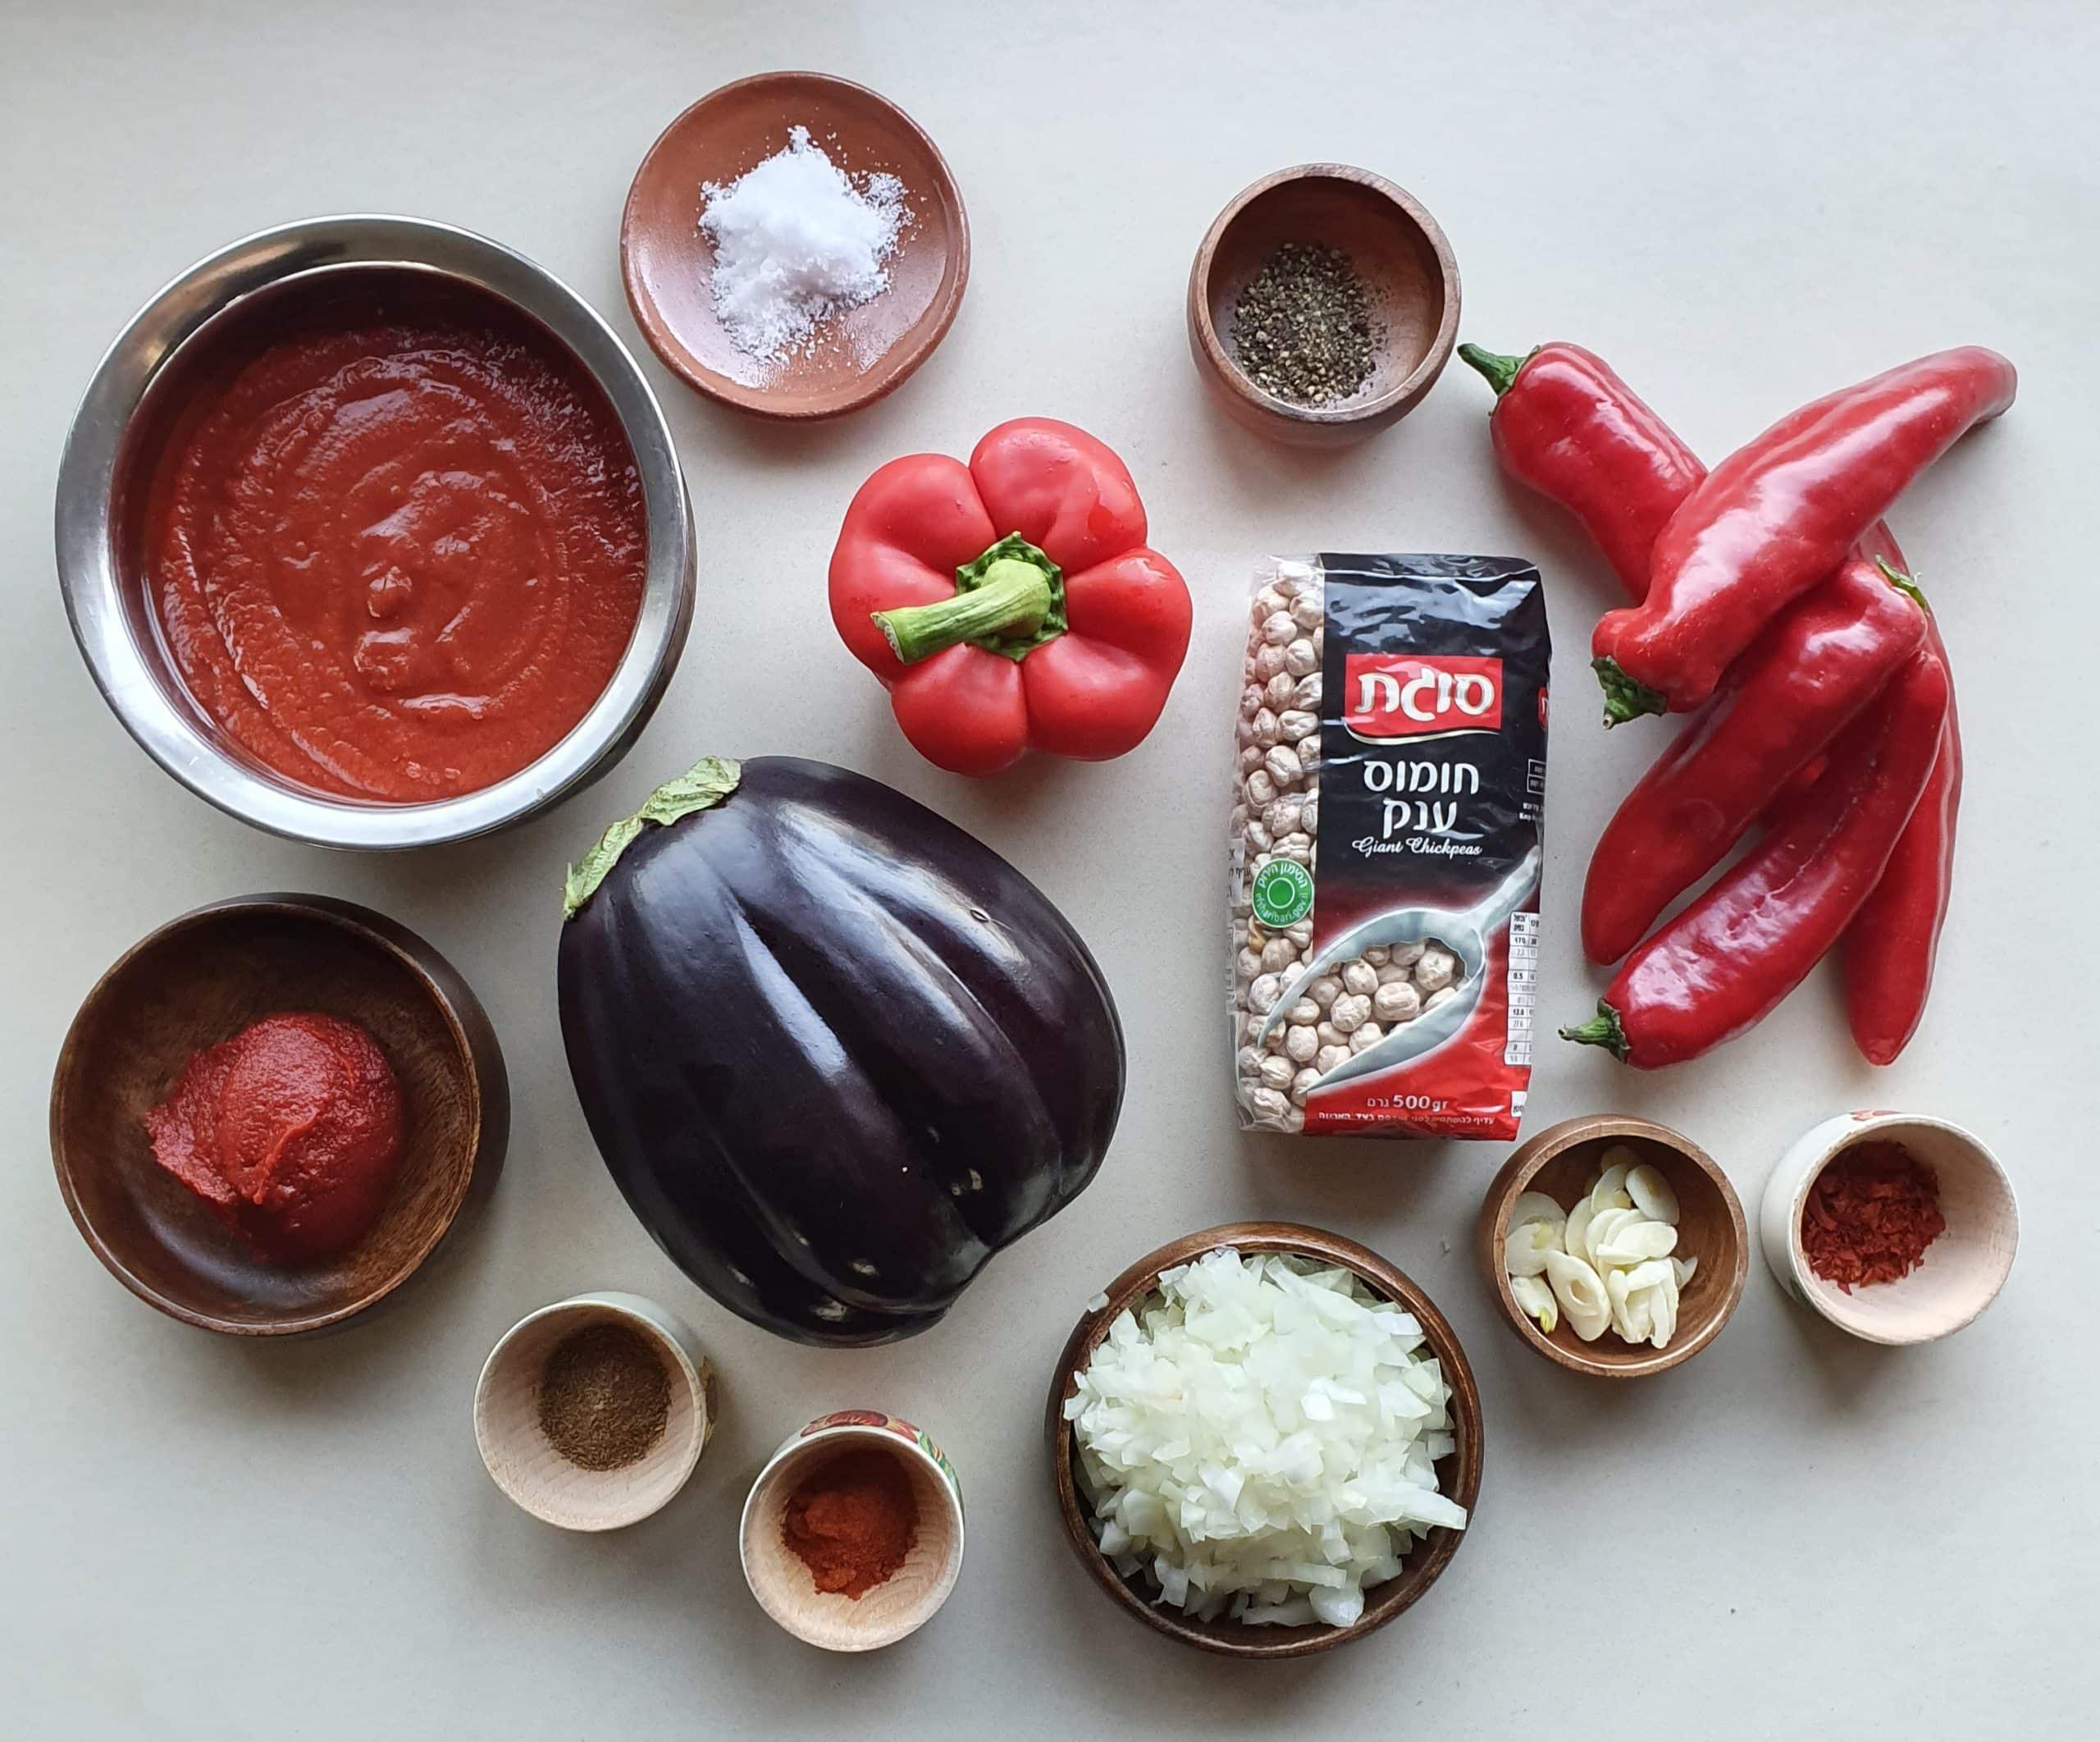 תבשיל חומוס וחצילים - החומרים הדרושים